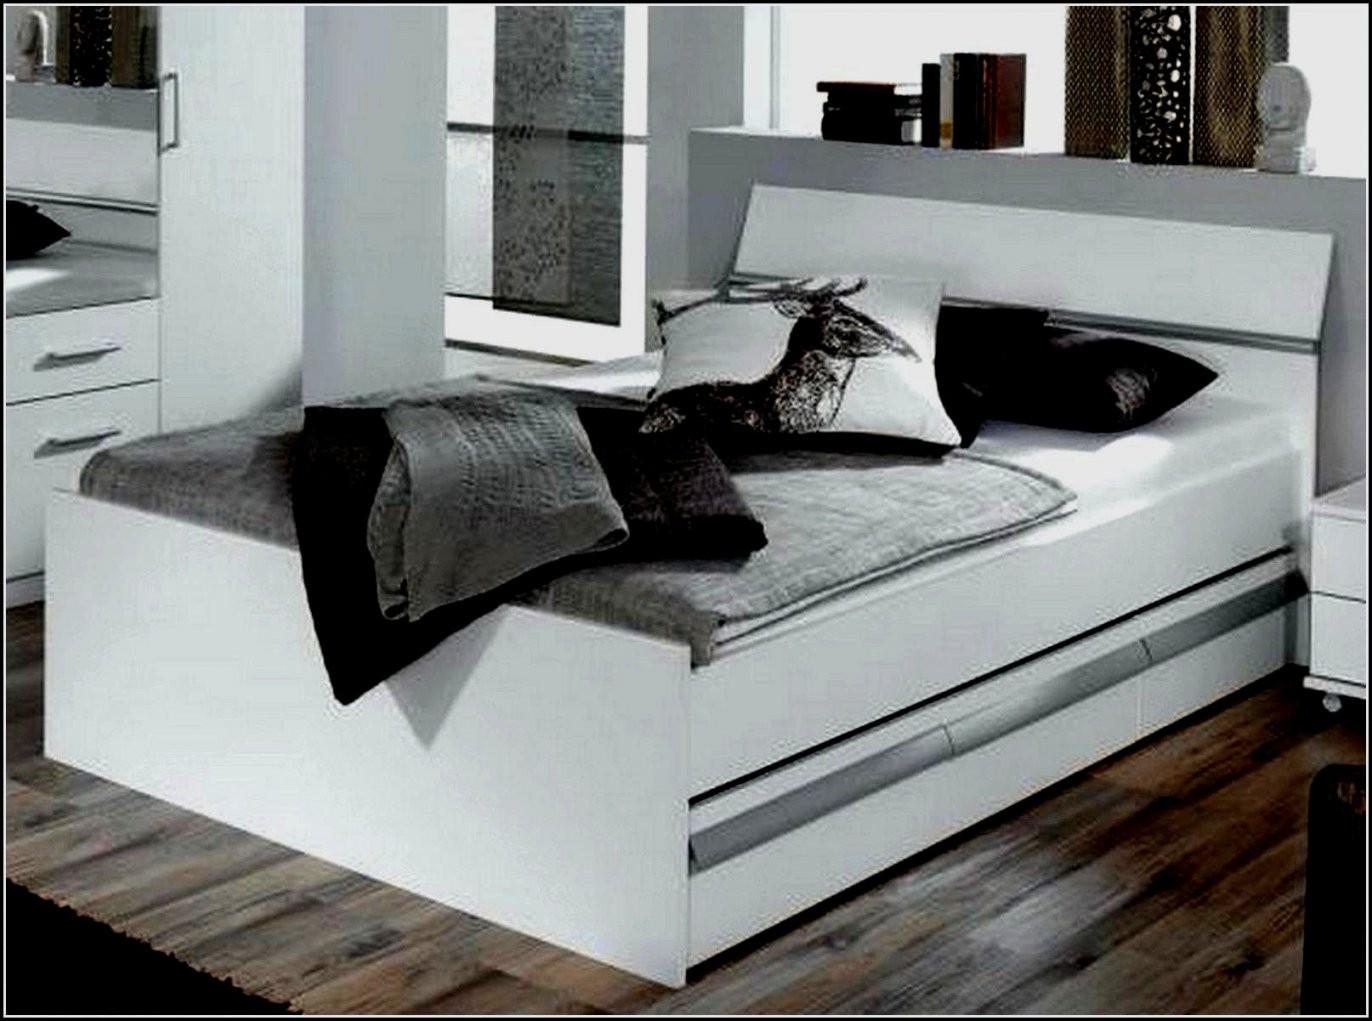 Erstaunlich Gebrauchte Betten Ausgezeichnet Kaufen Bett Toskana von Gebrauchte Betten 180X200 Bild